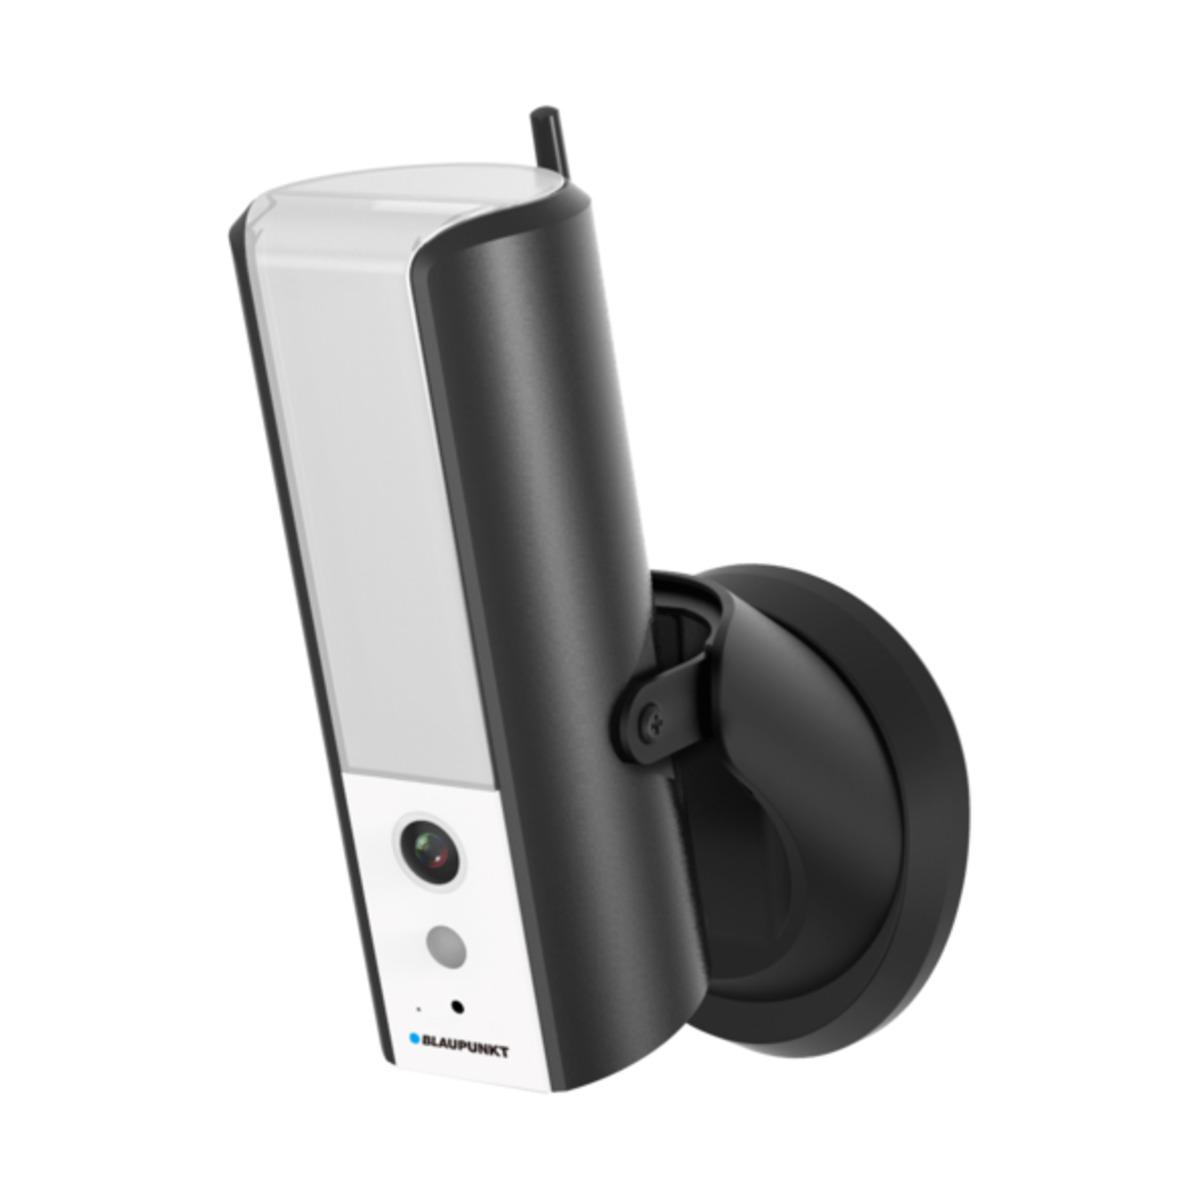 Bild 3 von Überwachungskamera Blaupunkt LampCam HOS-X20